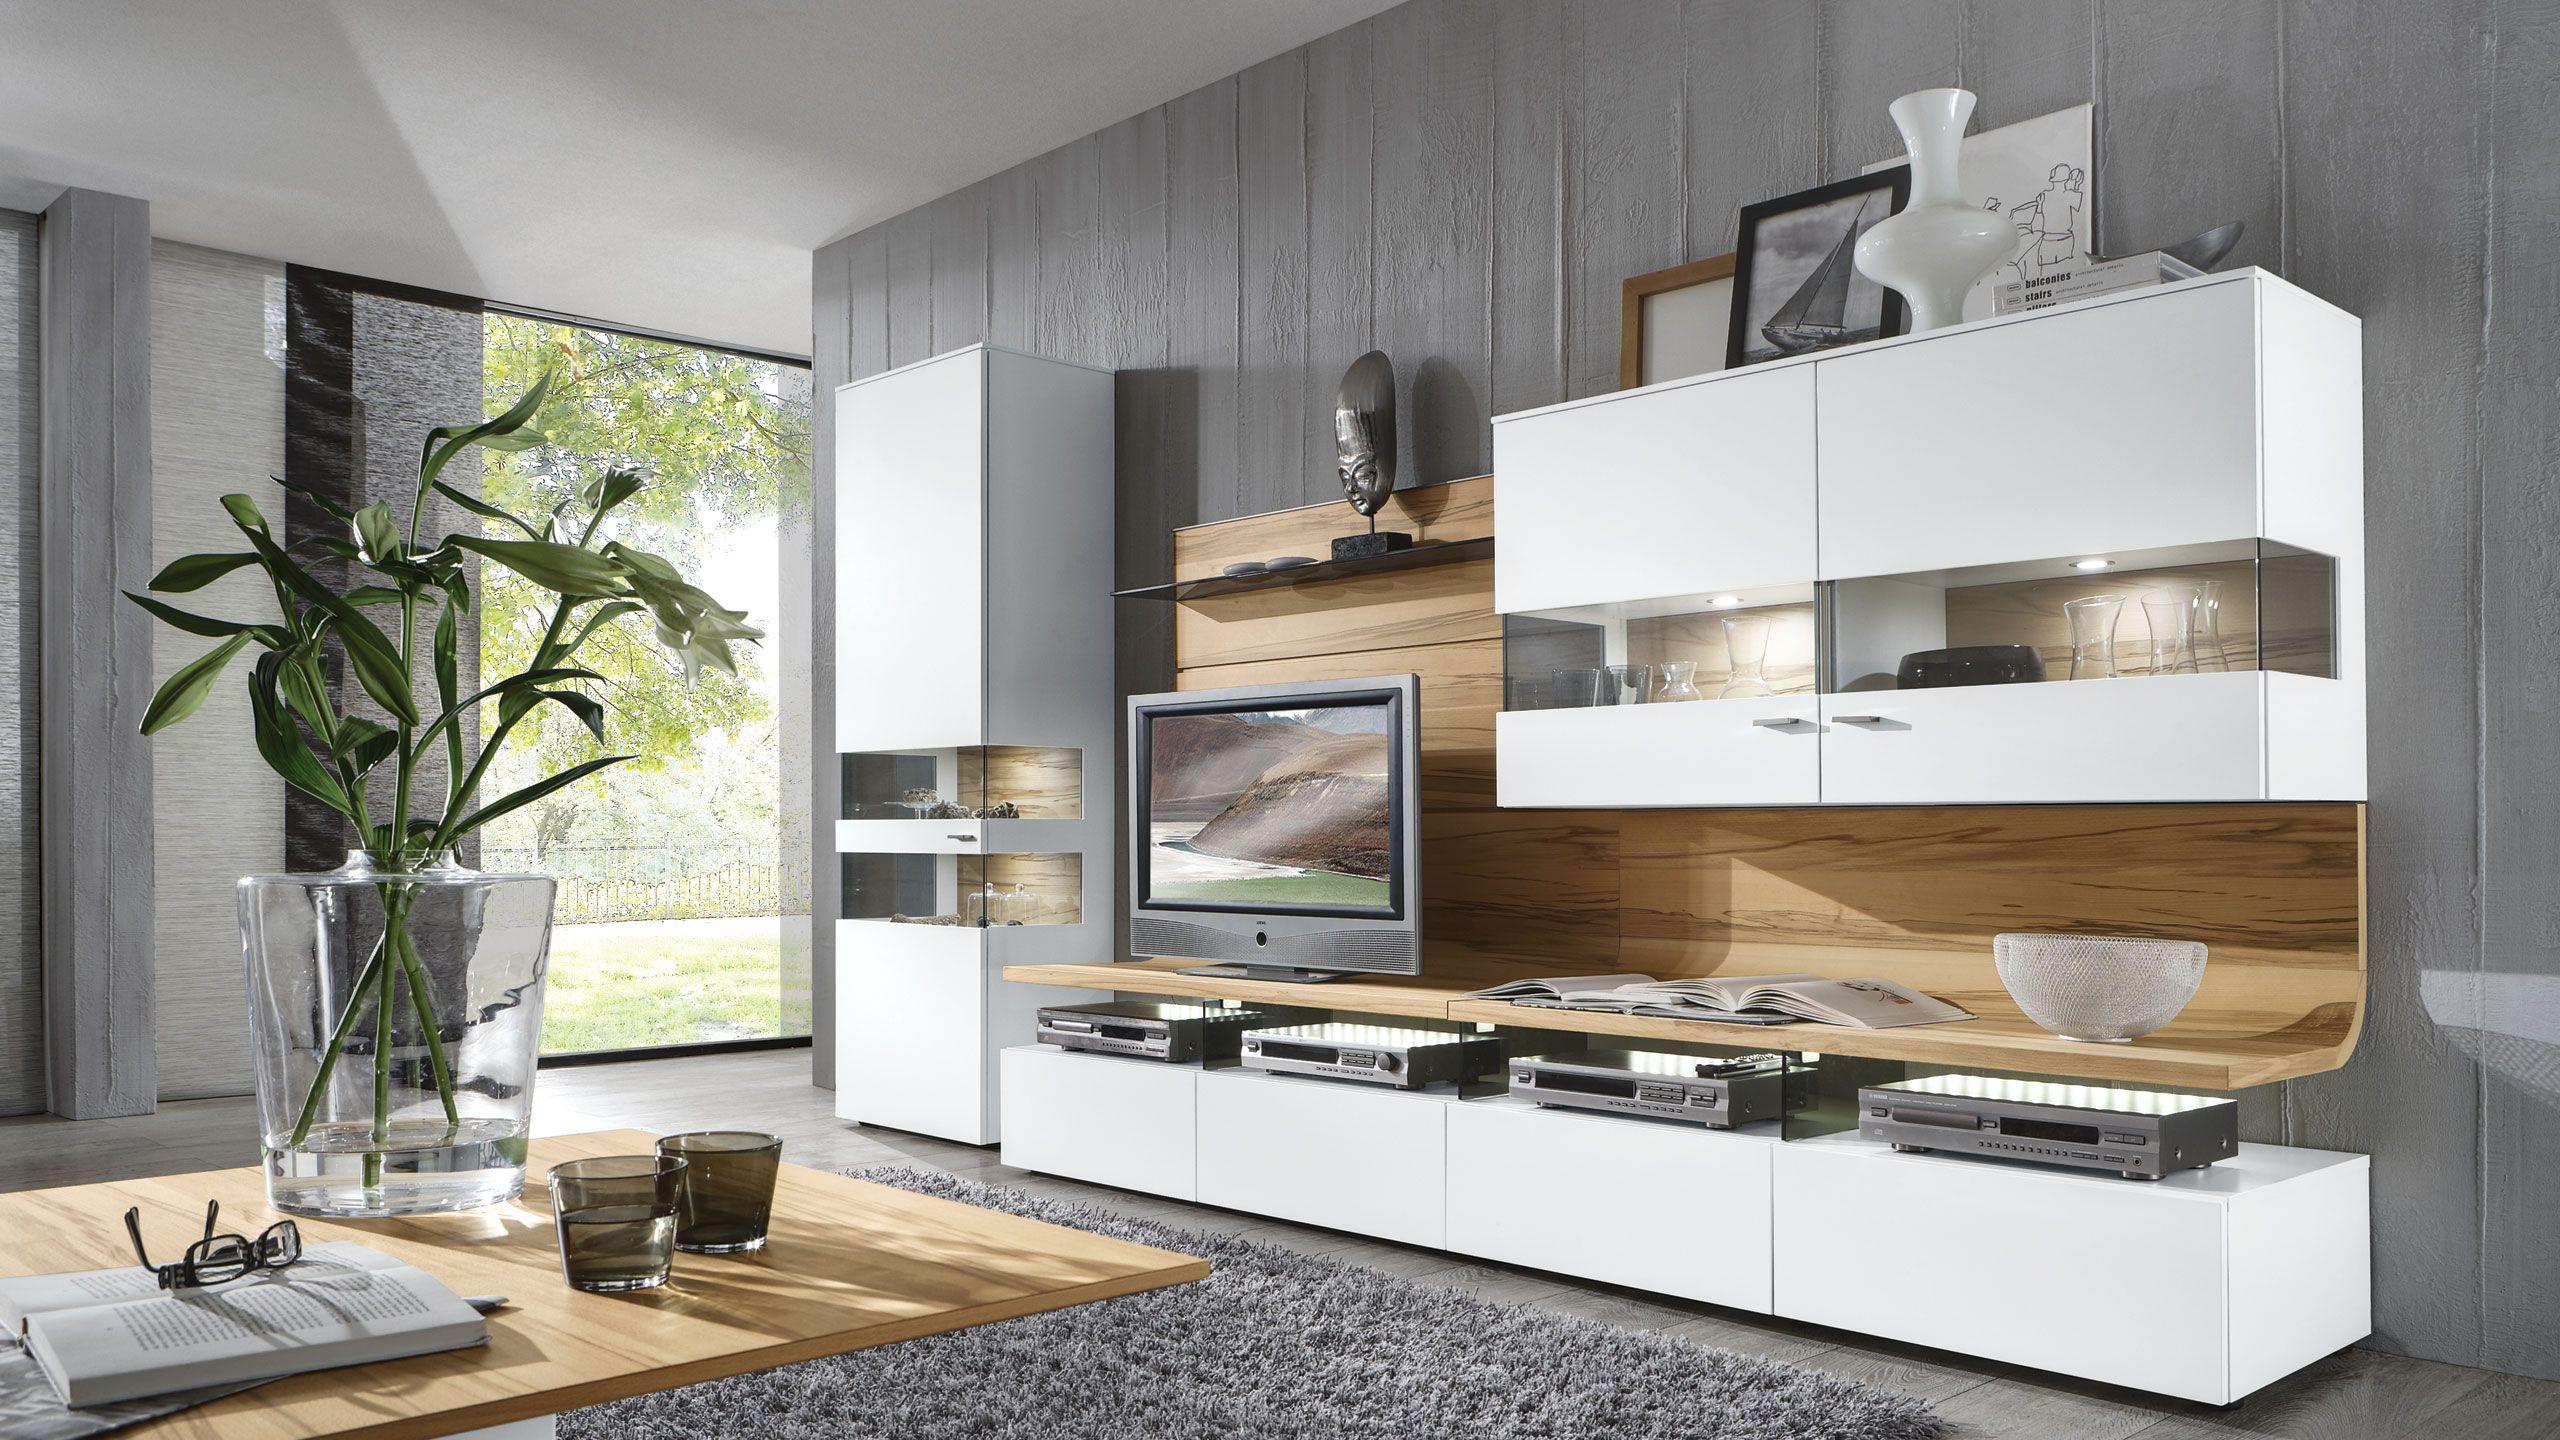 Schön wohnwand weiß holz -  Wohnzimmerschränke, Wohnzimmer modern